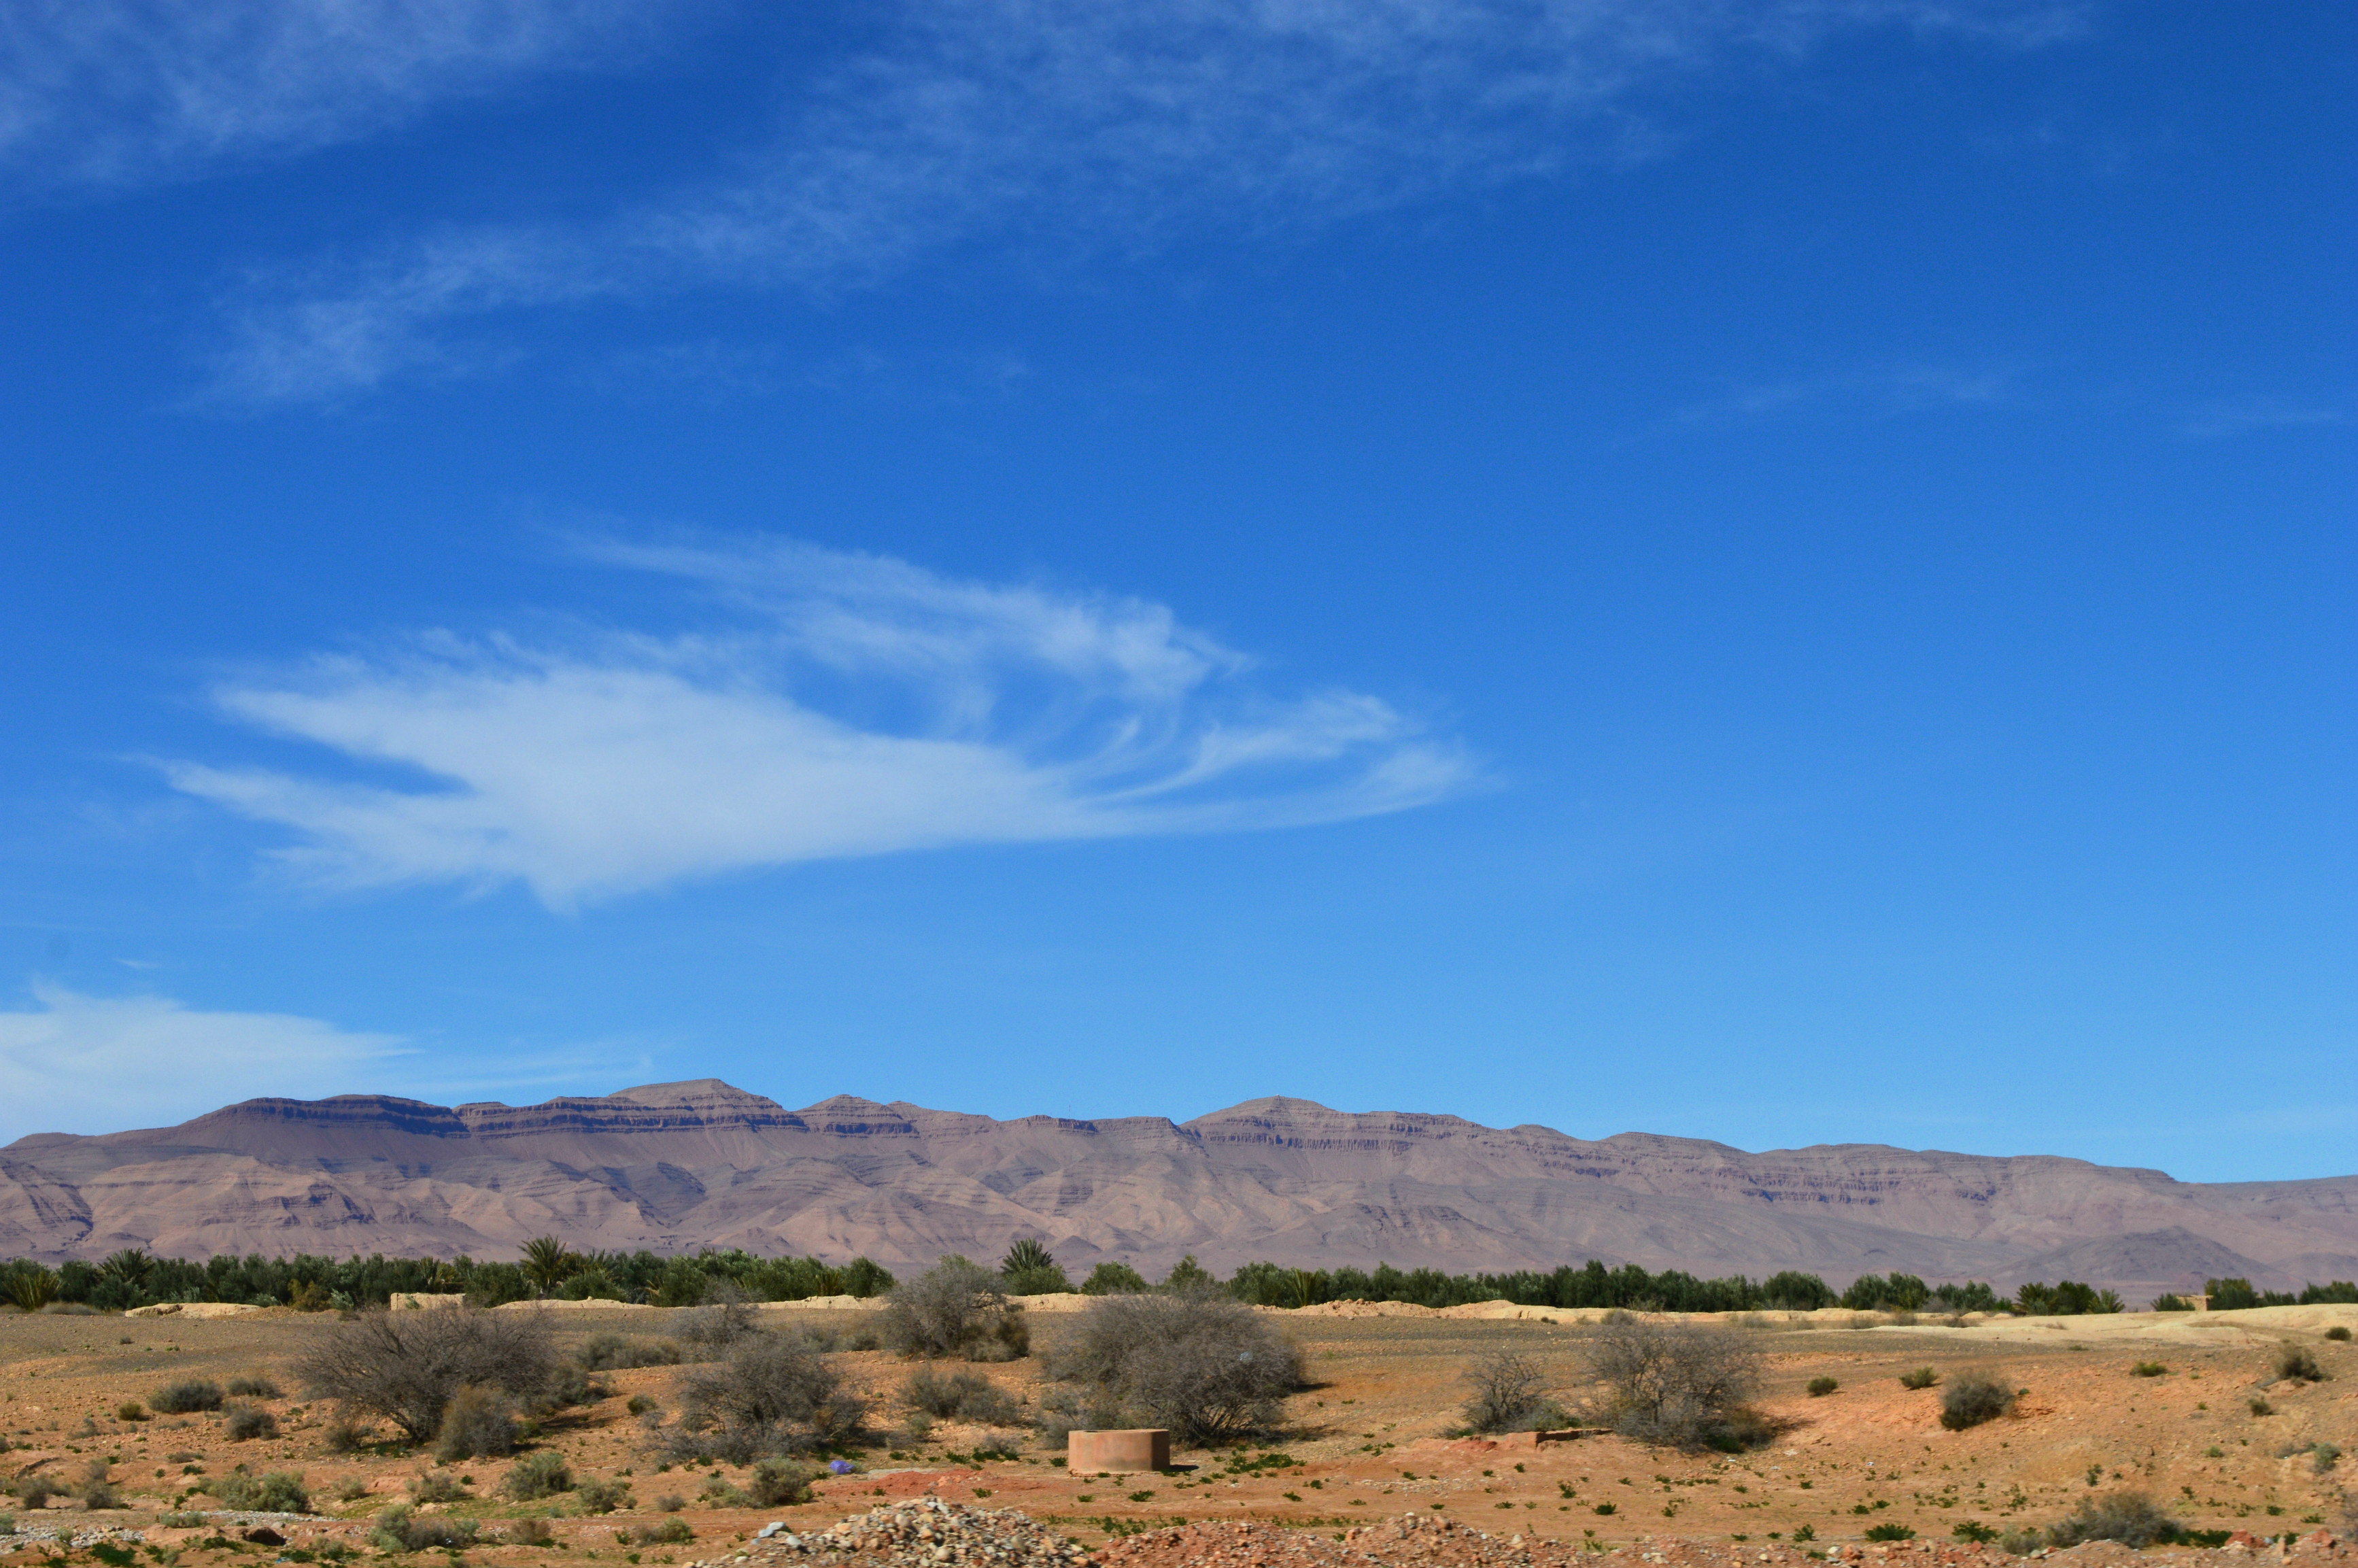 sur la route de Merzouga à Midelt Maroc